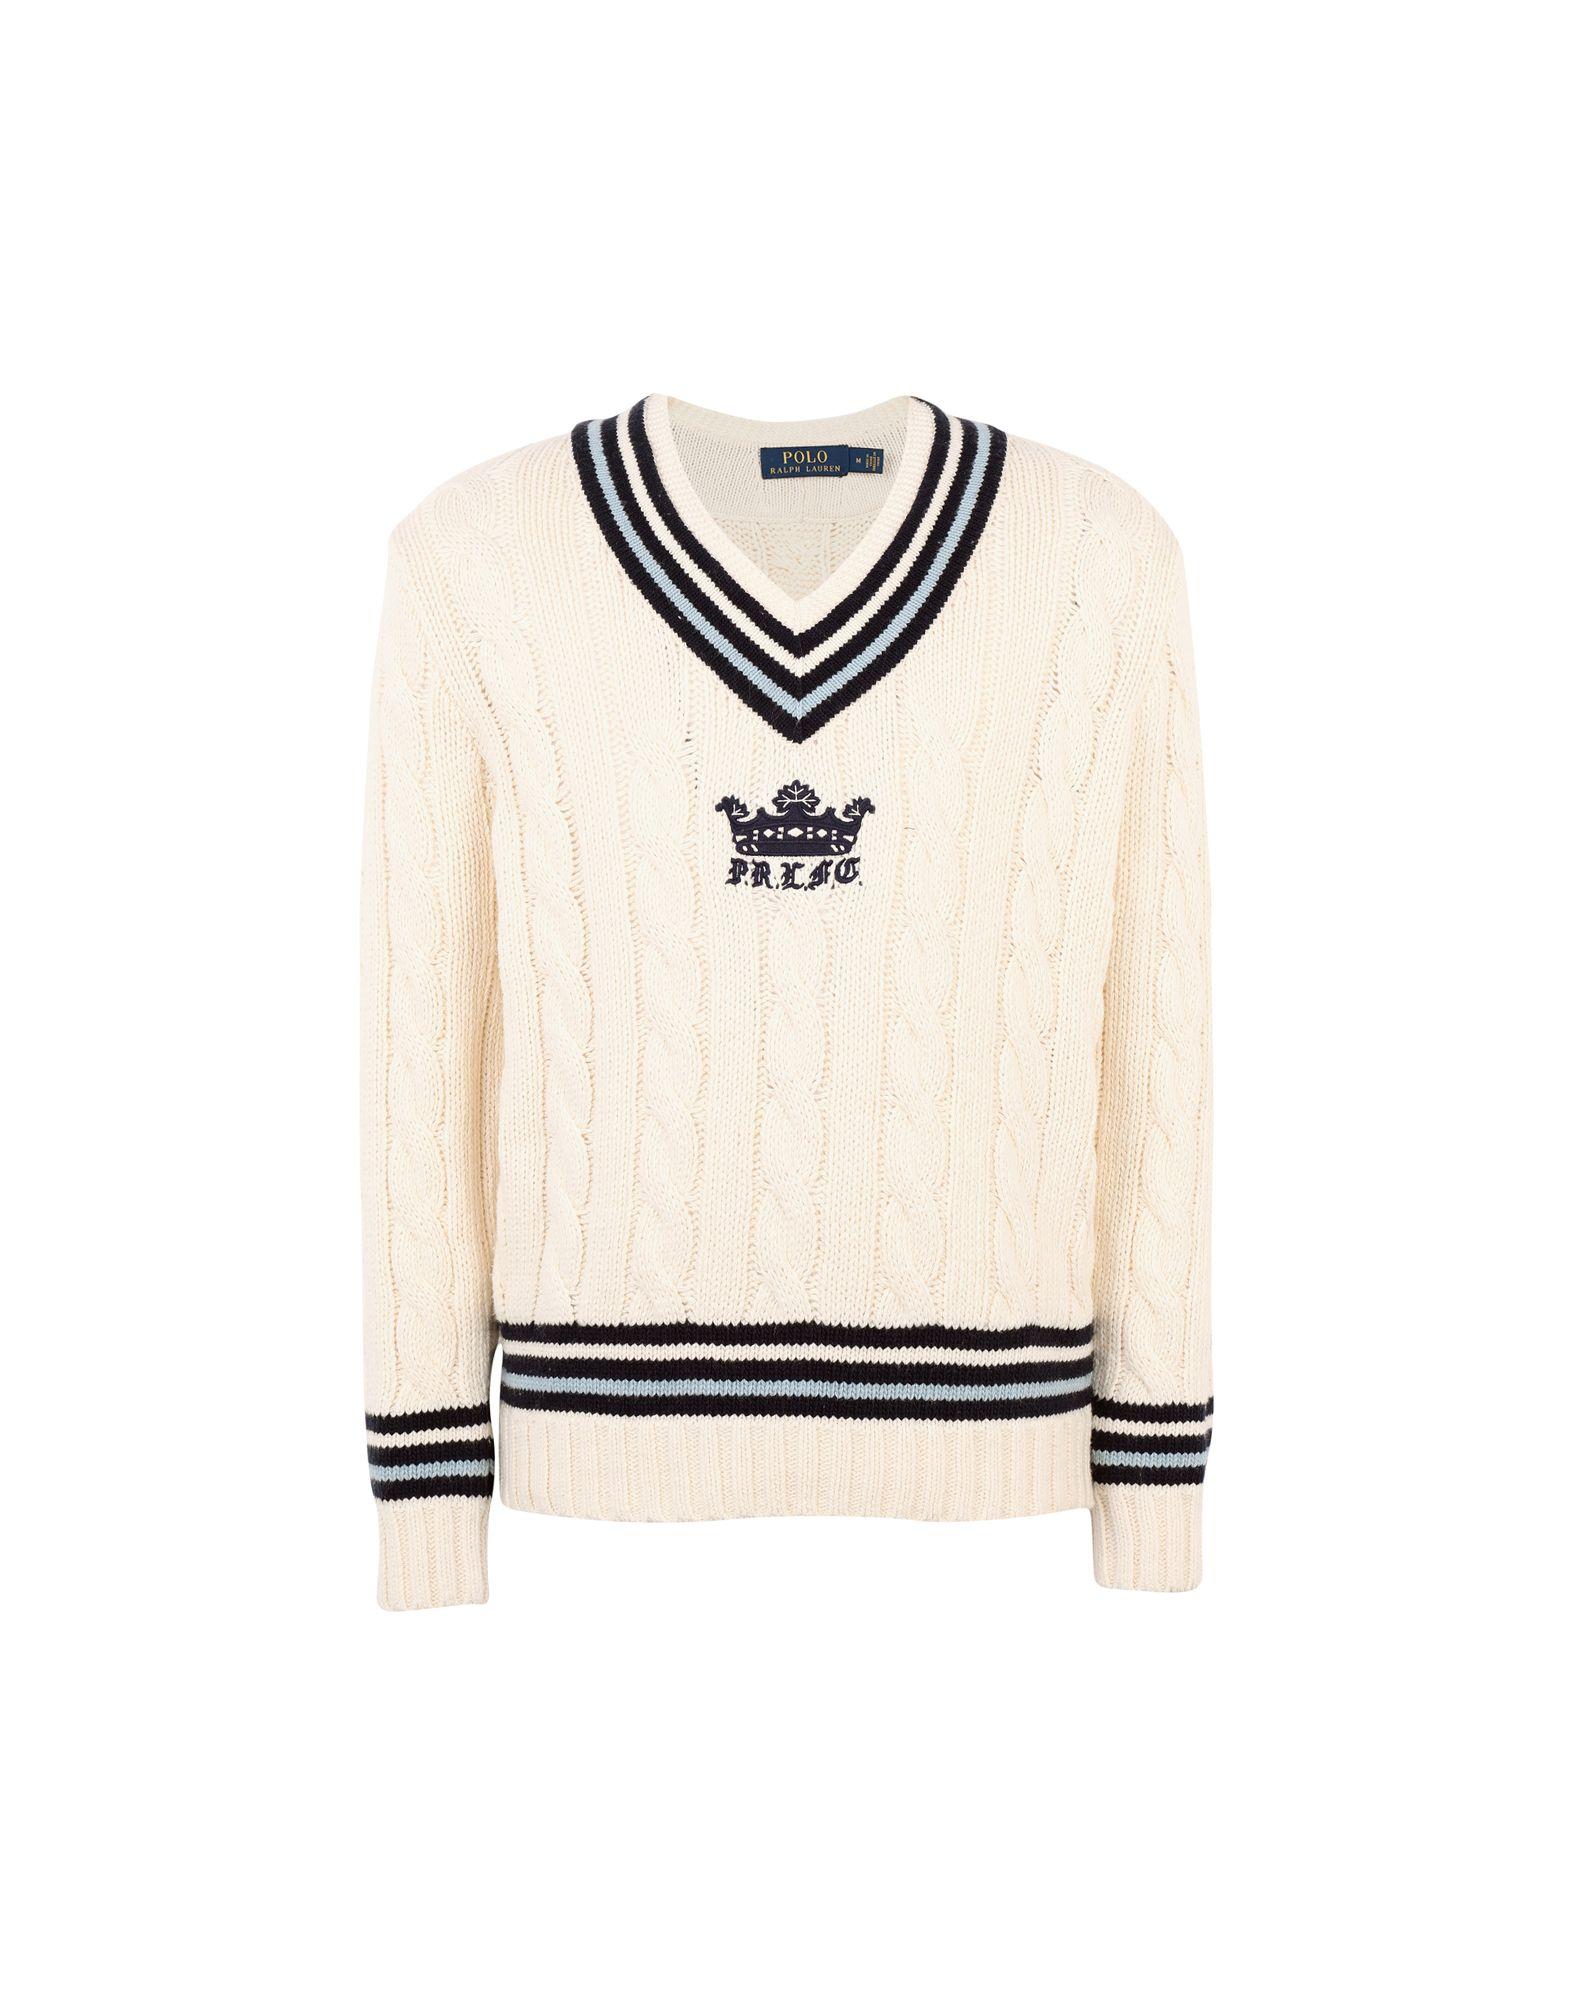 《期間限定セール開催中!》POLO RALPH LAUREN メンズ プルオーバー アイボリー XL コットン 85% / カシミヤ 15% Cotton Cashmere Cricket Sweater